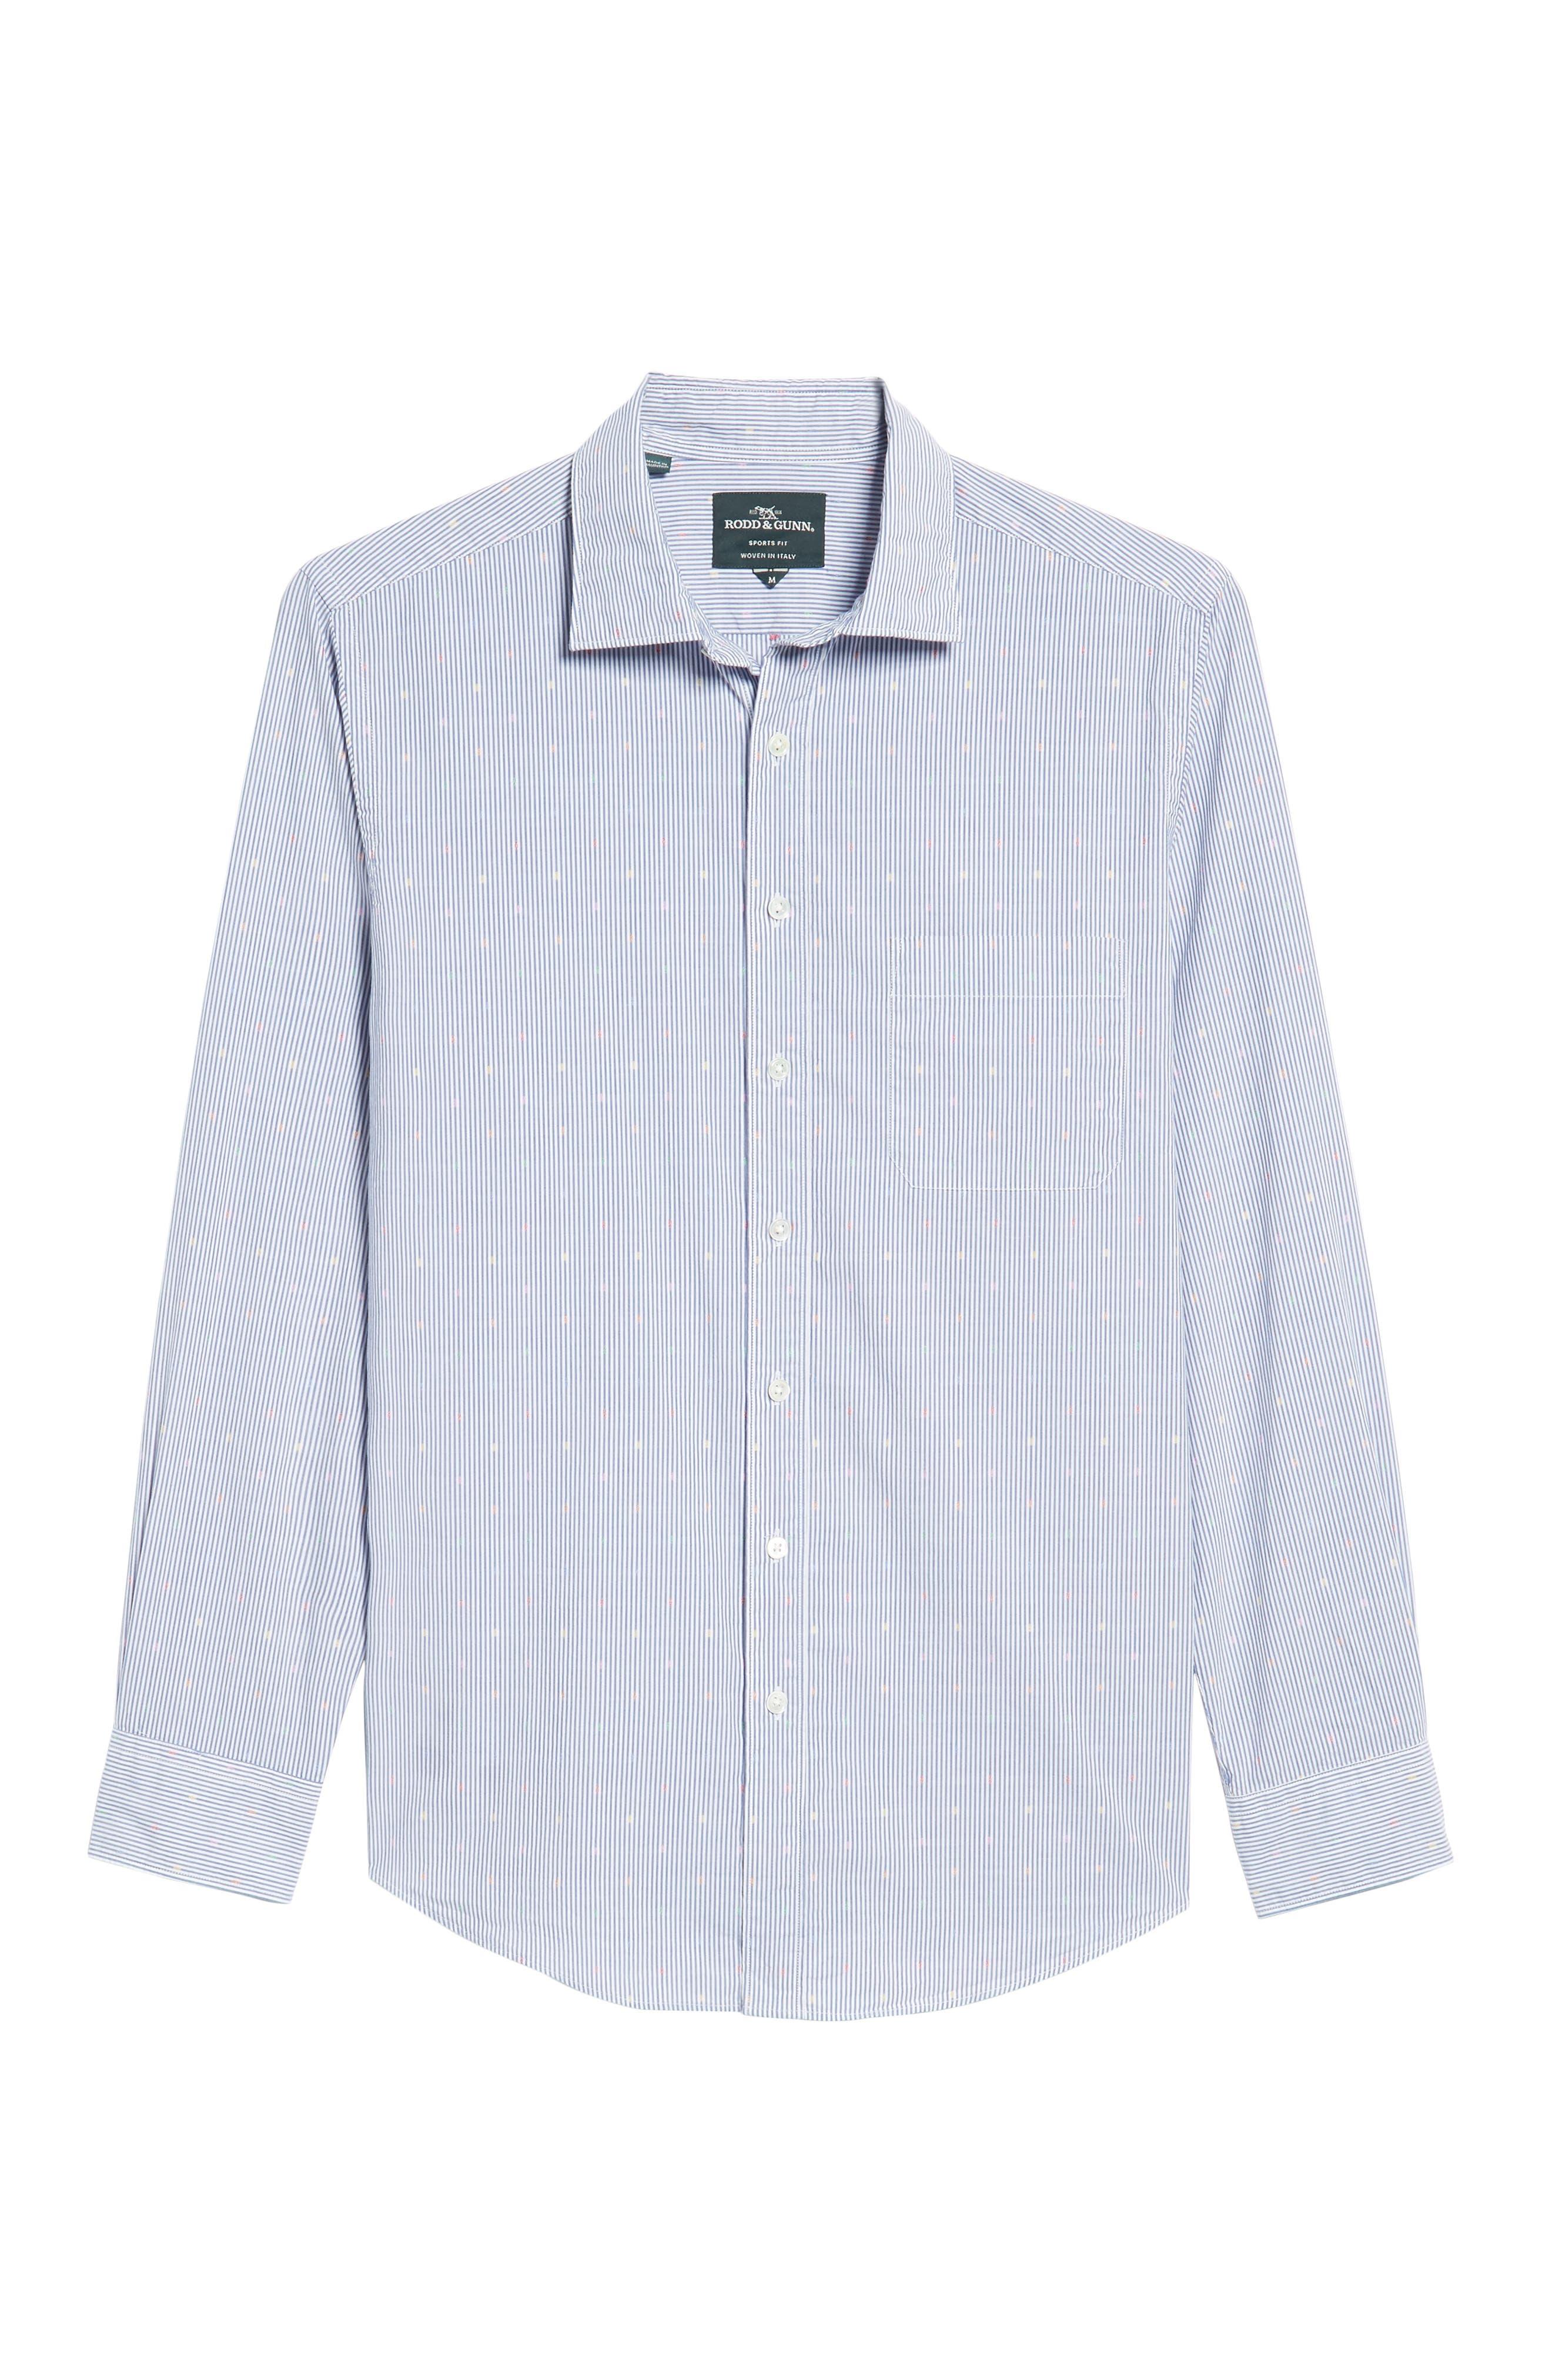 Tamaki River Woven Sport Shirt,                             Alternate thumbnail 6, color,                             423